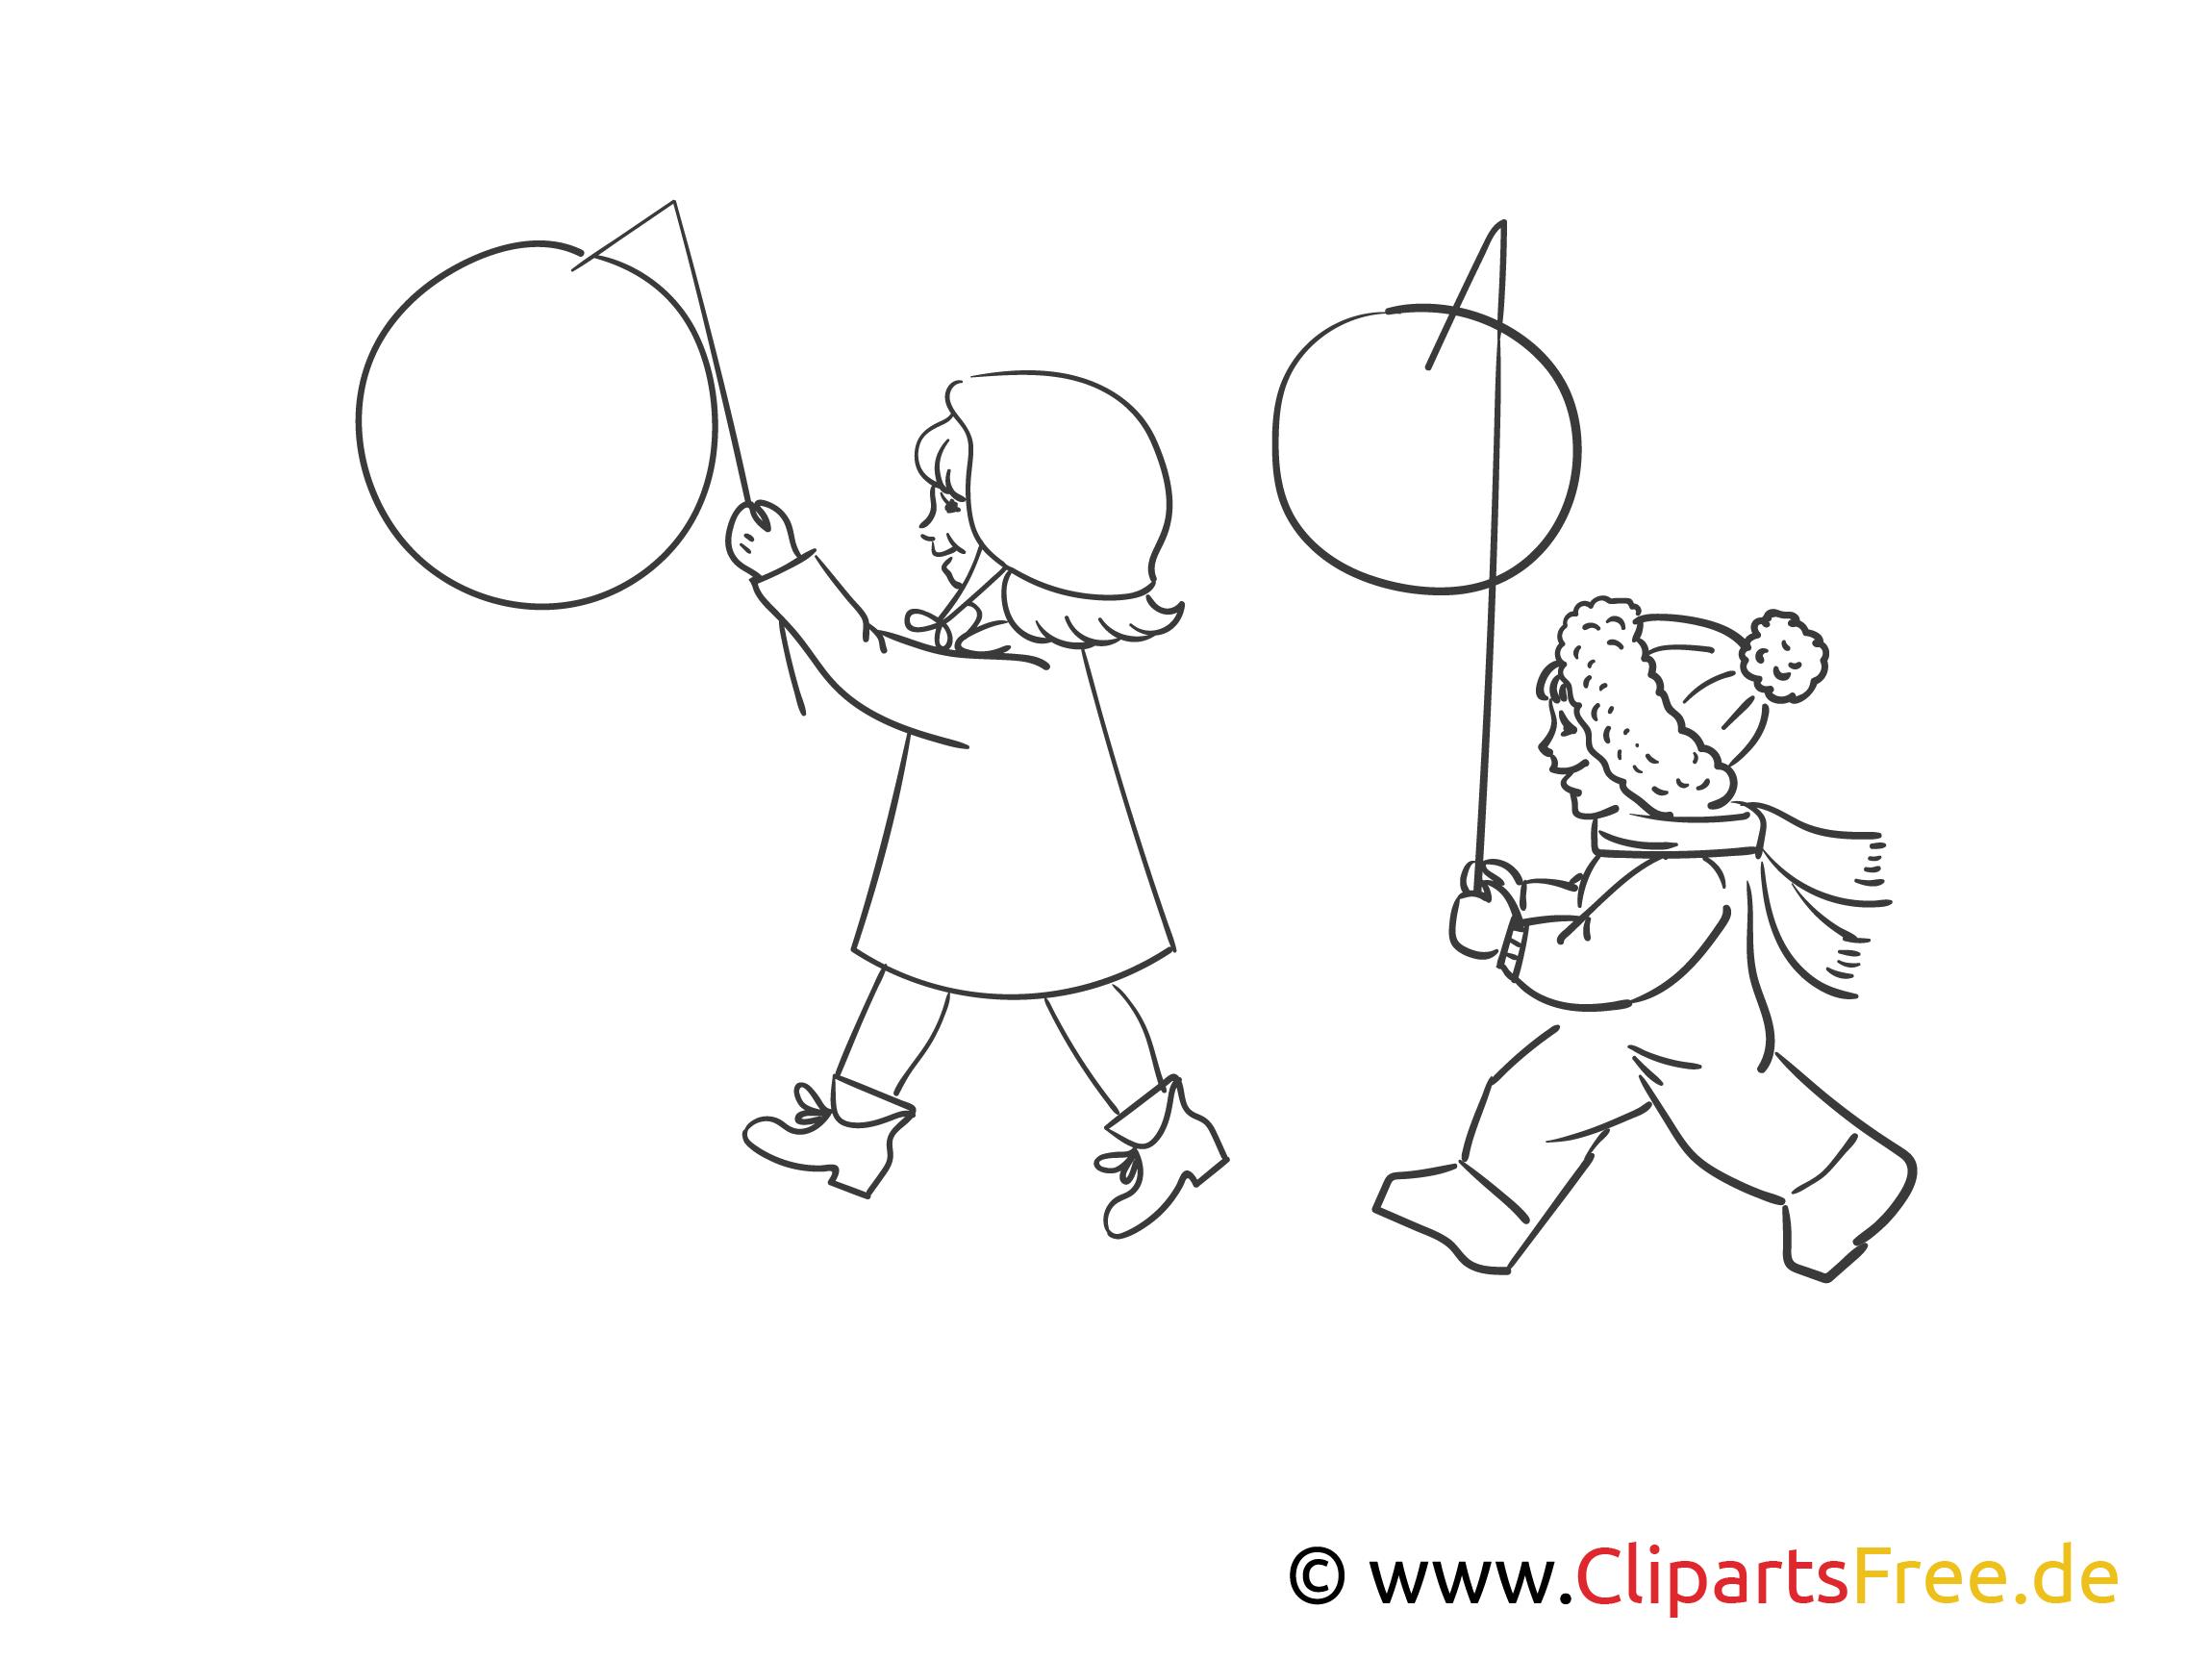 Kinder Mit Laternen Bild Schwarz Weiß Illustration Grafik